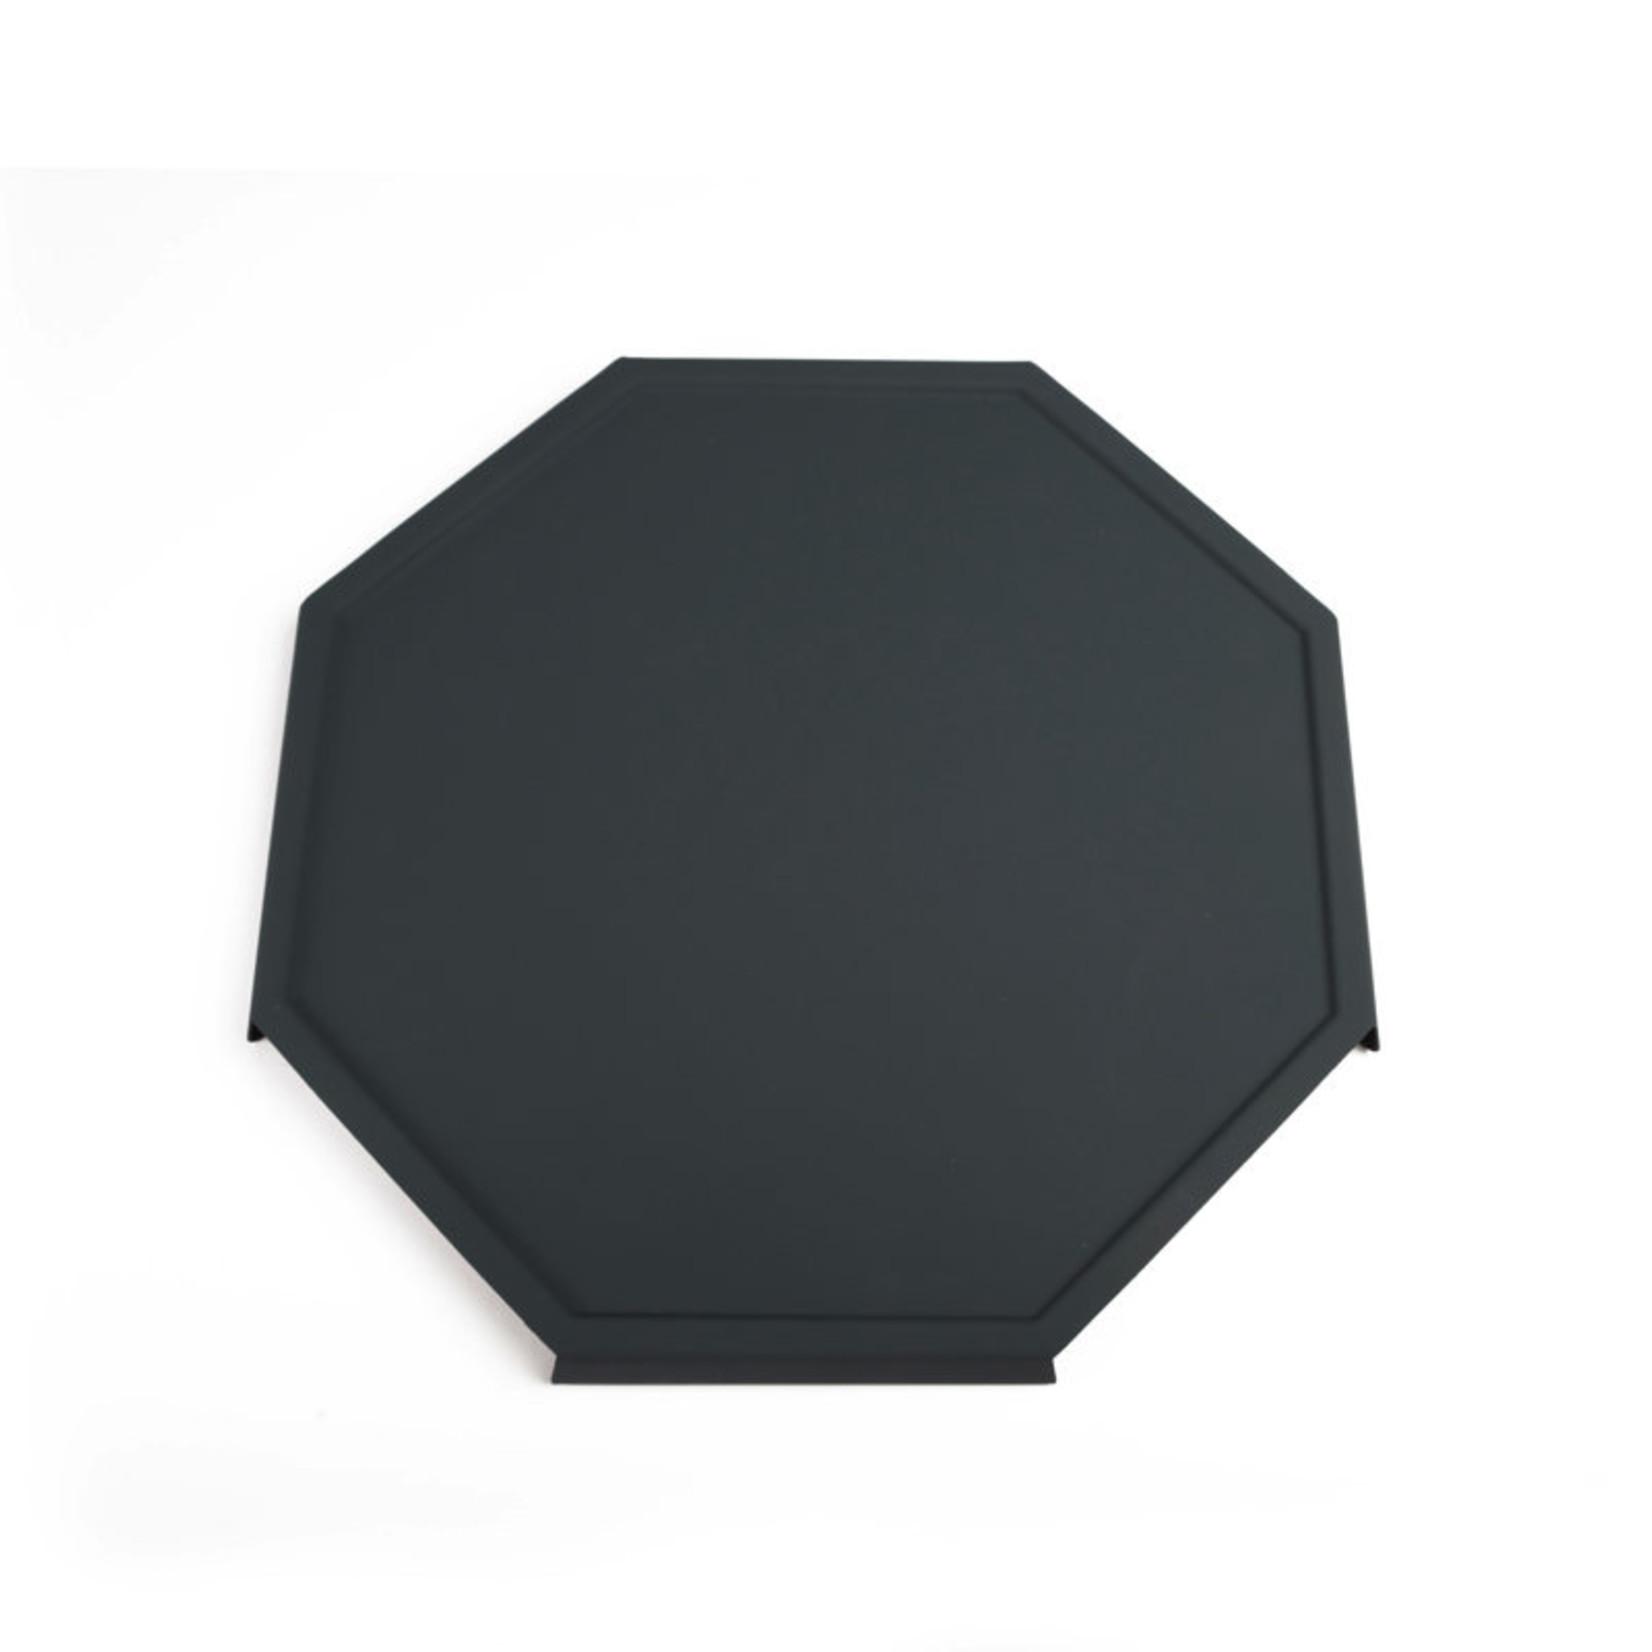 Puik Puik dienblad Octray (zwart)